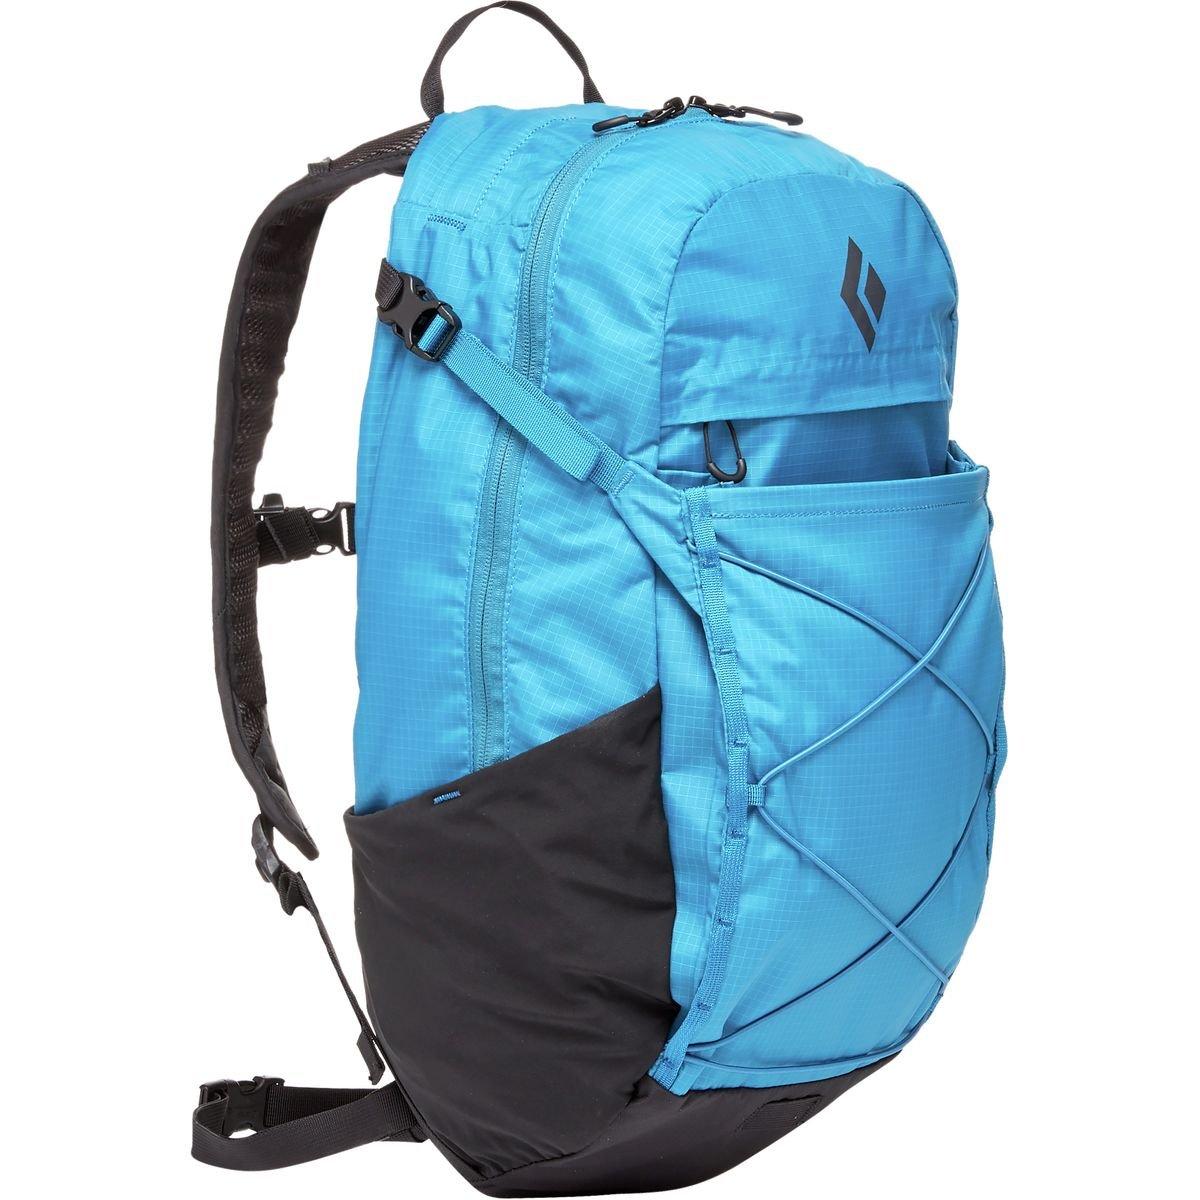 [ブラックダイヤモンド] メンズ バックパックリュックサック Magnum 20L Backpack [並行輸入品] B07CXGBHRM  No-Size